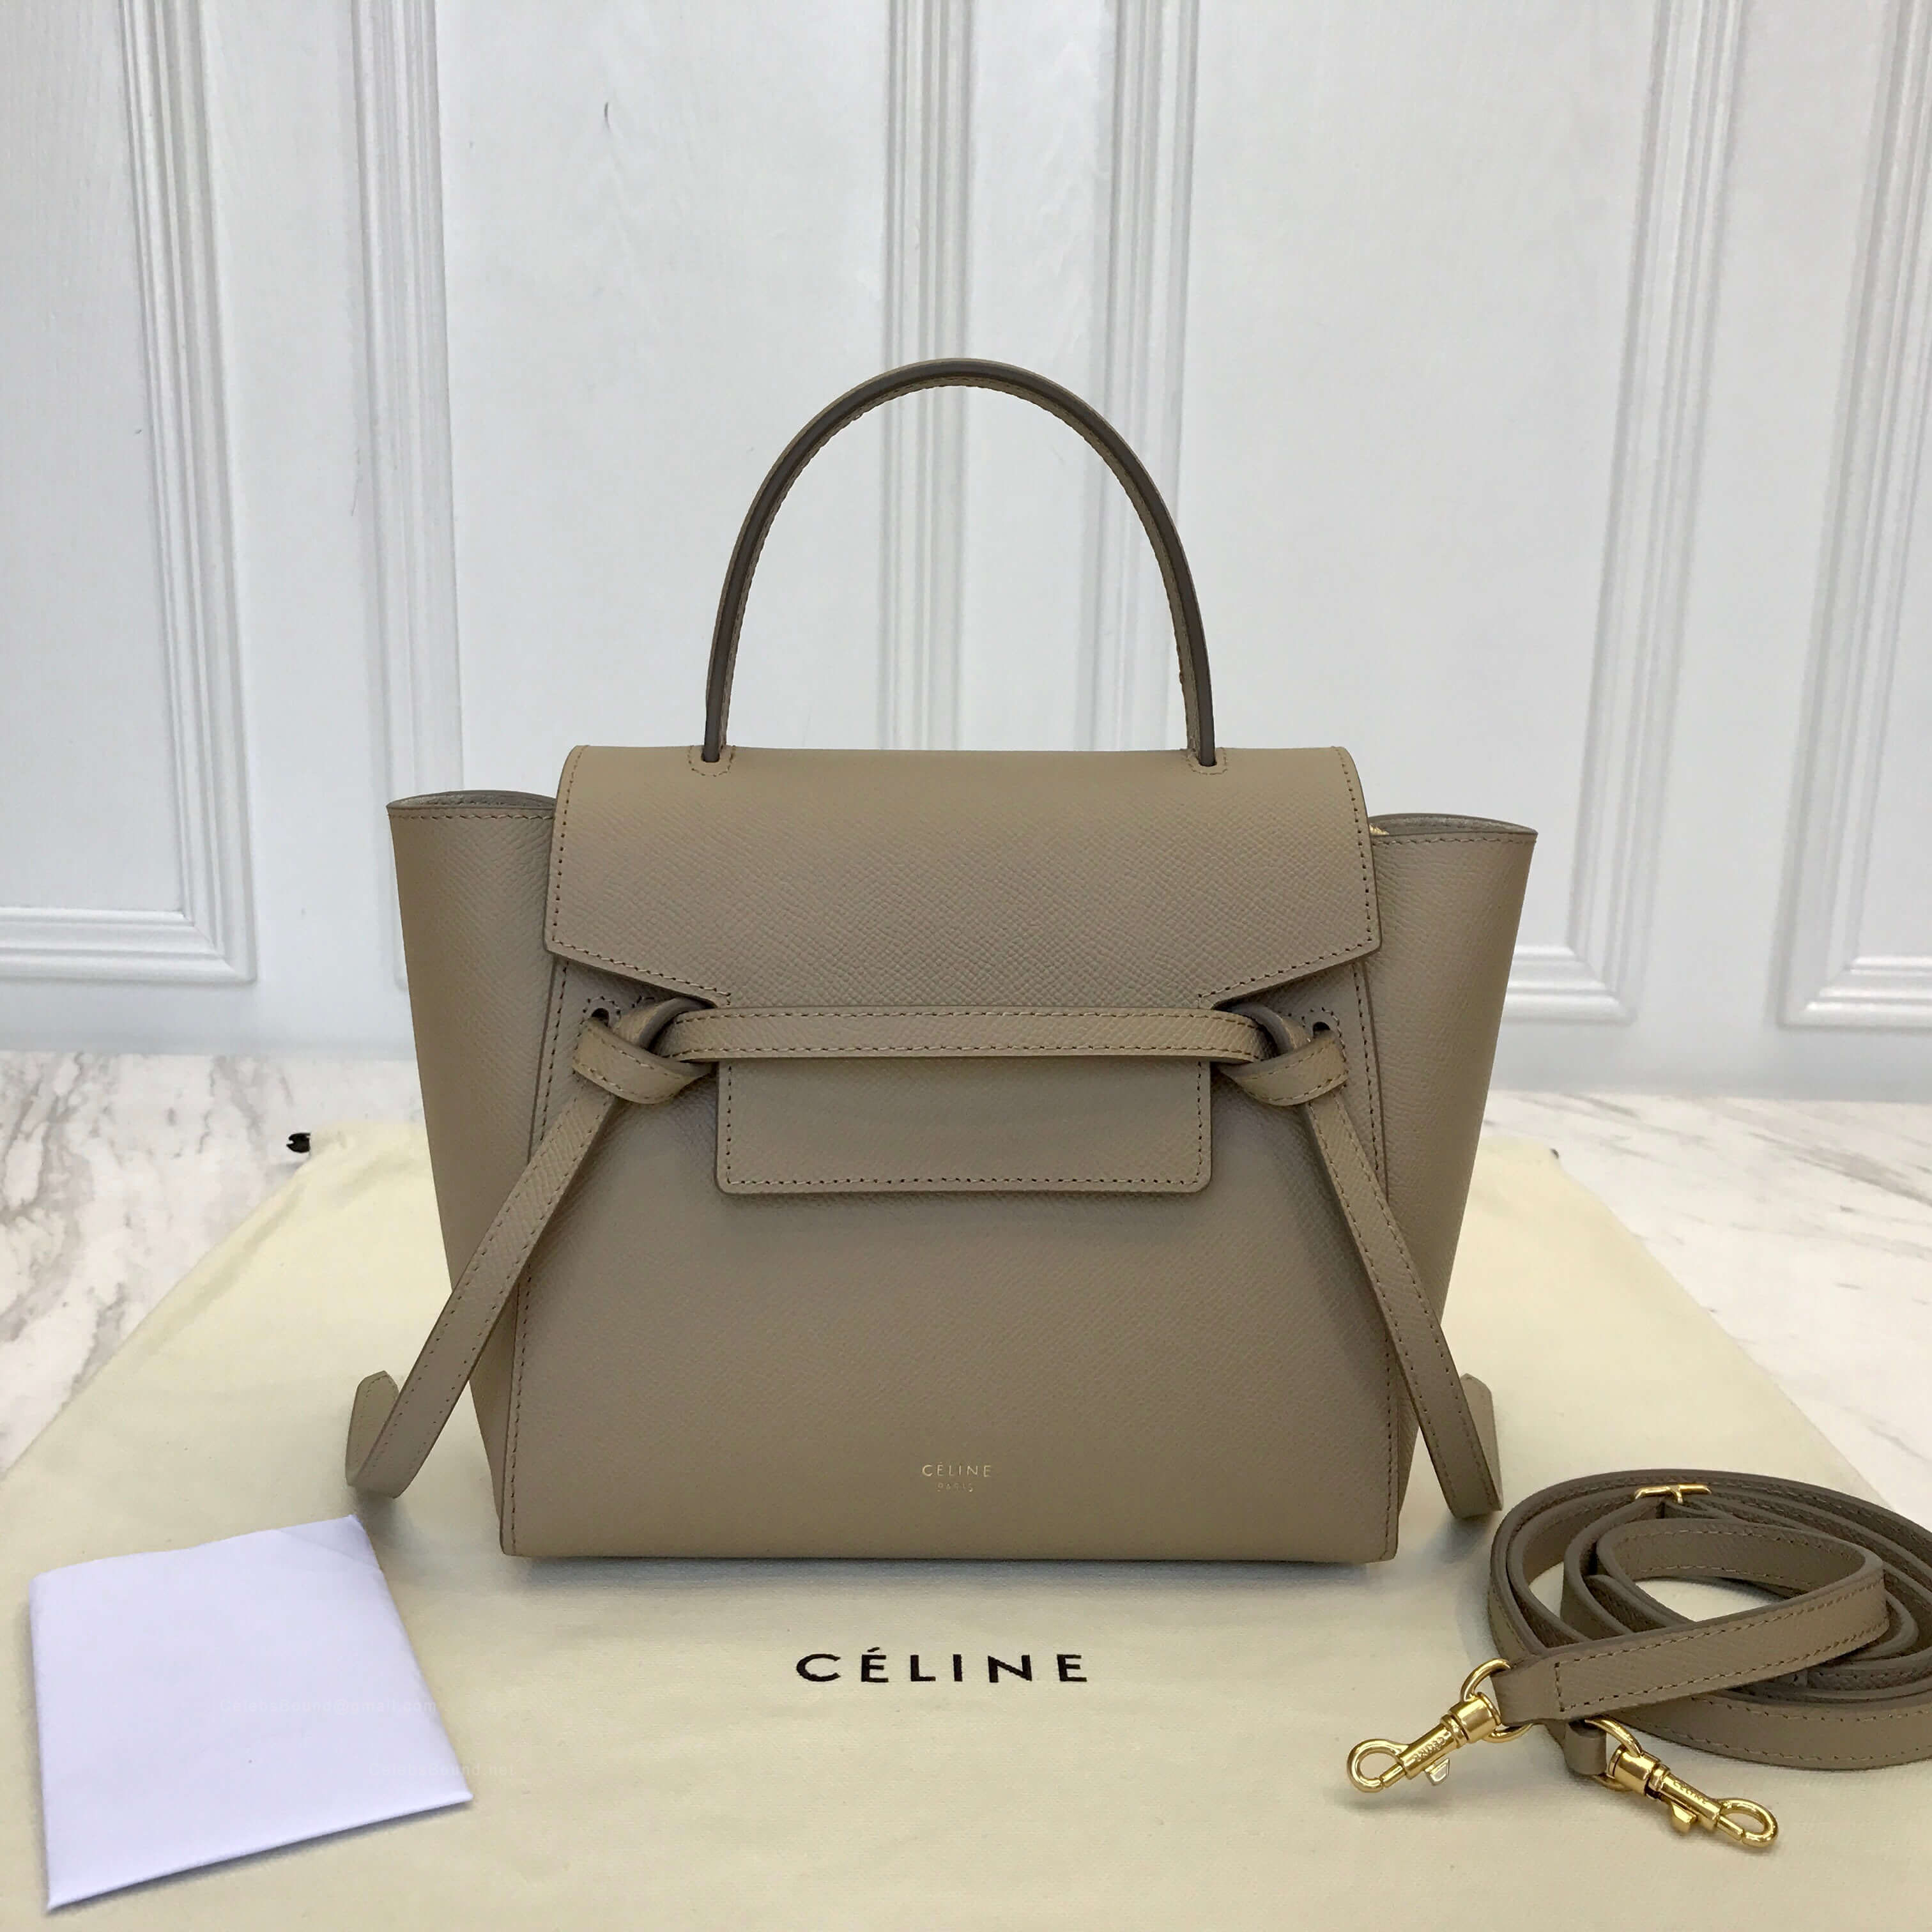 0de37658eb4f Celine Nano Belt Bag in Dune Epsom Leather